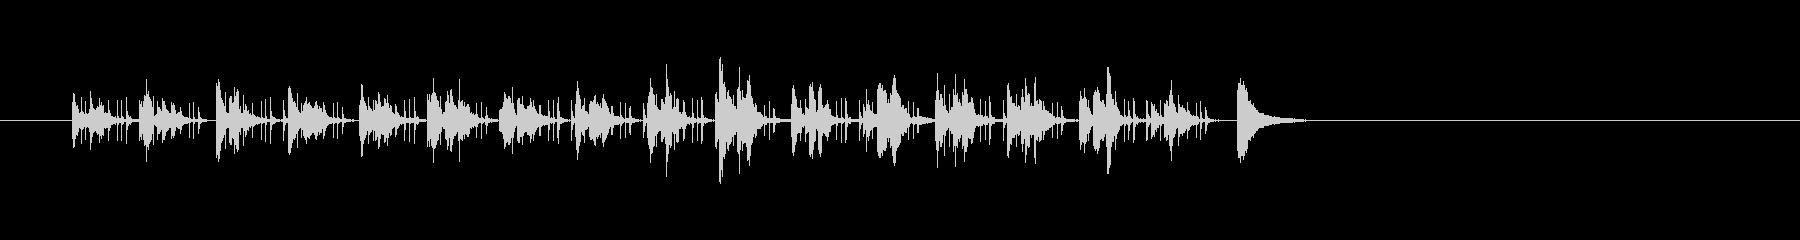 ポップで滑らかなアジアの木琴の曲の未再生の波形